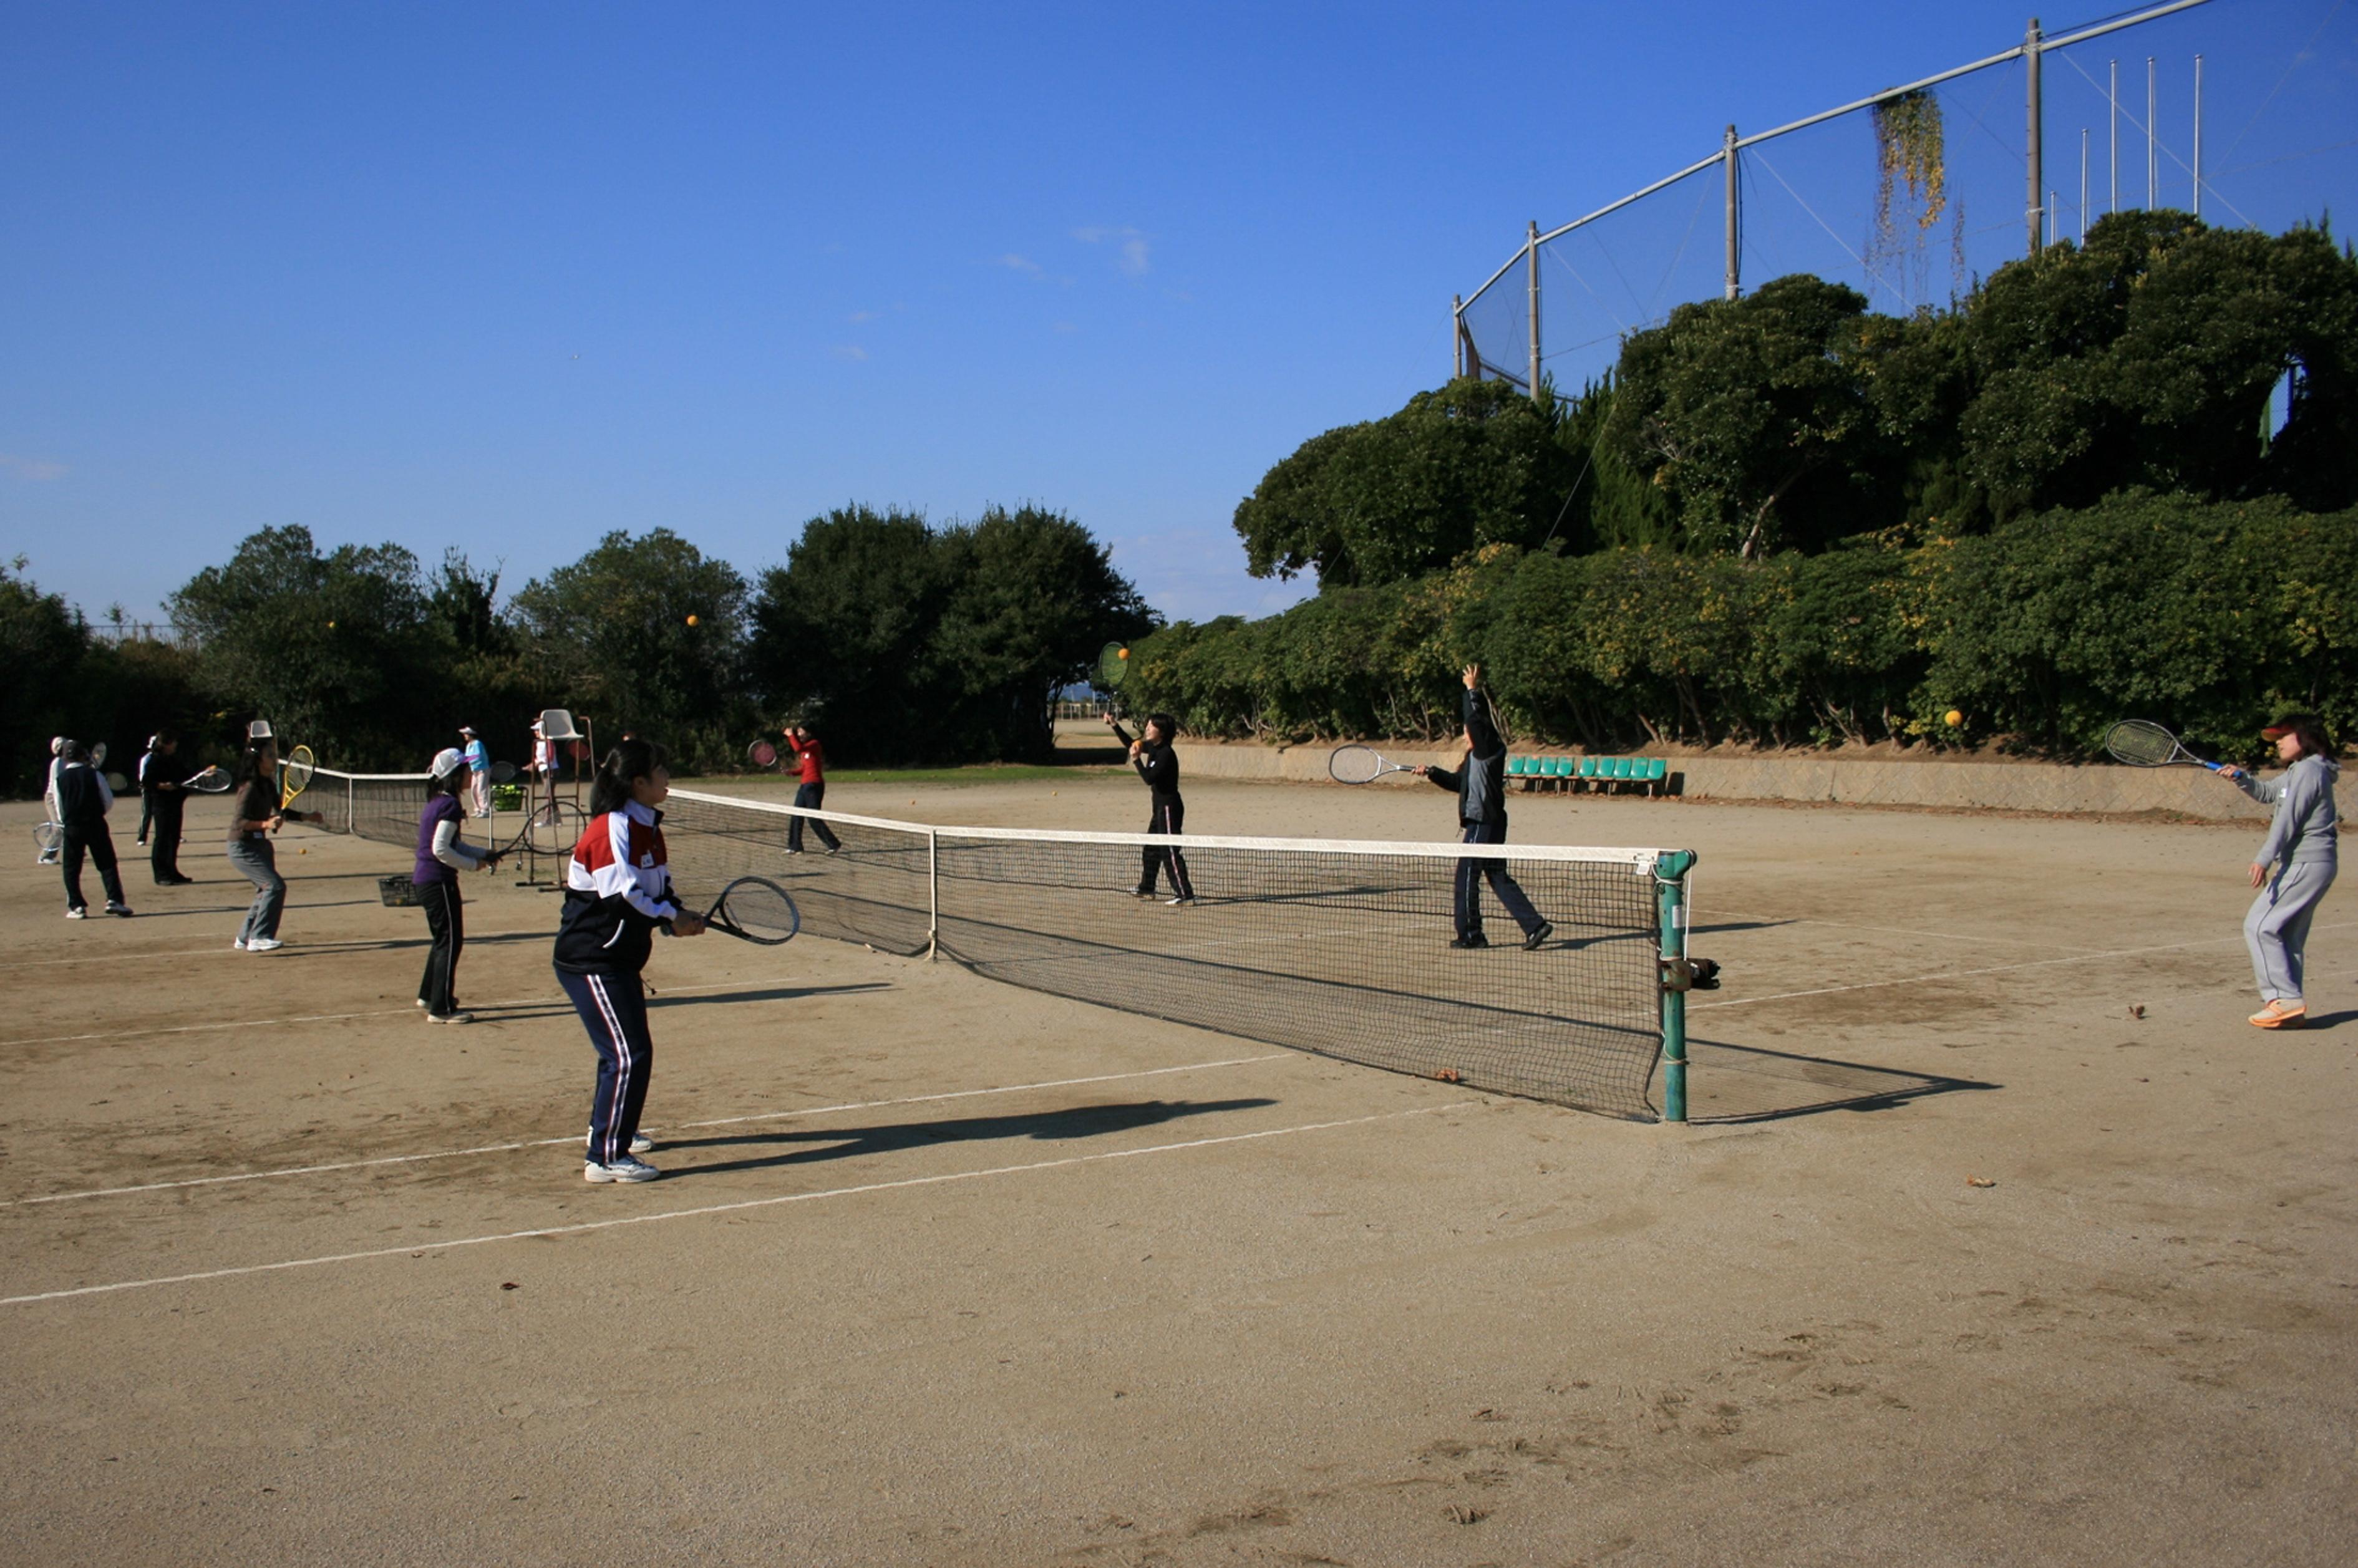 雁ノ巣・テニス教室(2008)の画像